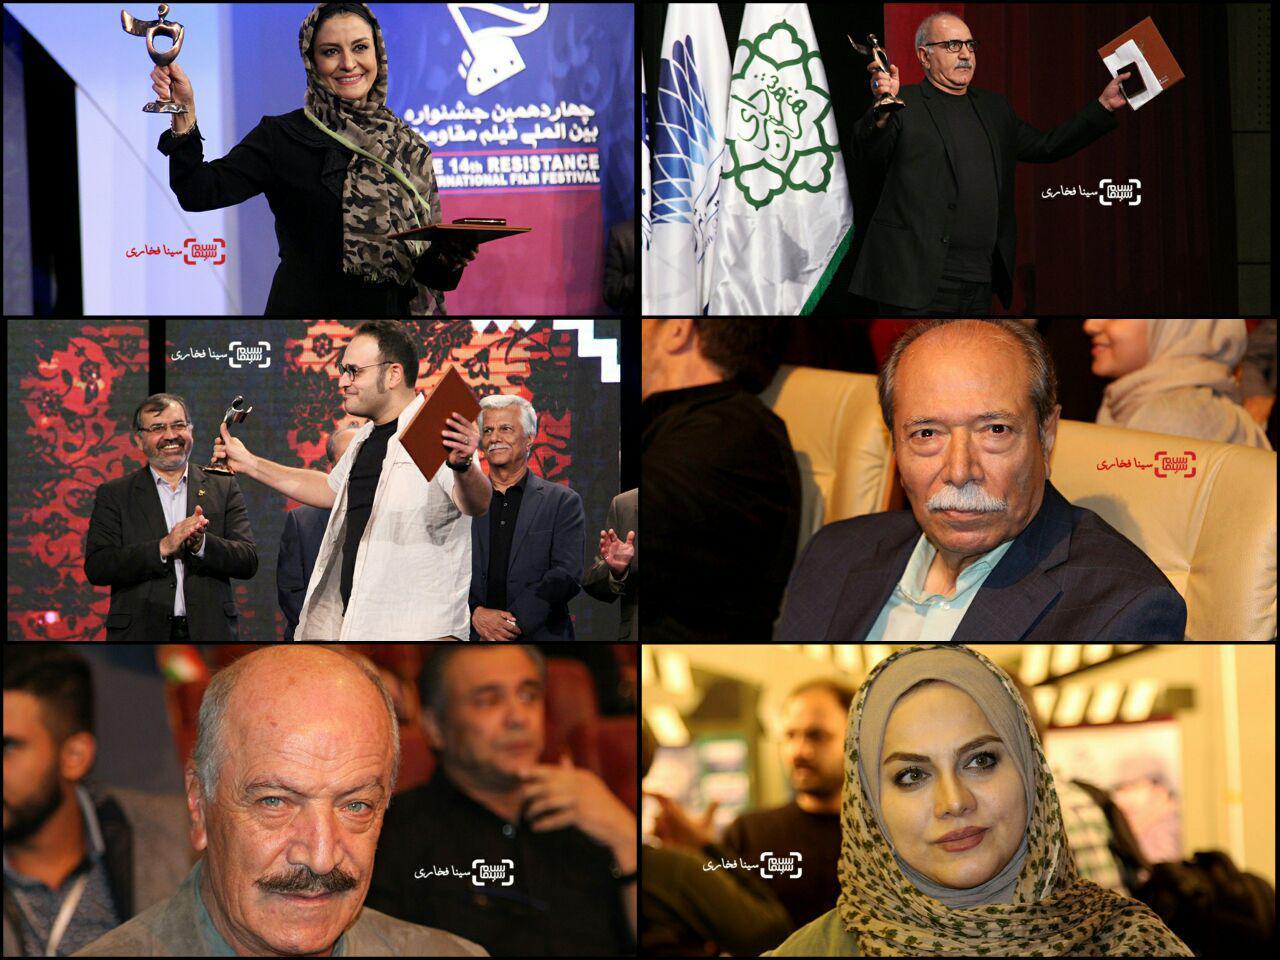 گزارش تصویری اختتامیه جشنواره فیلم مقاومت